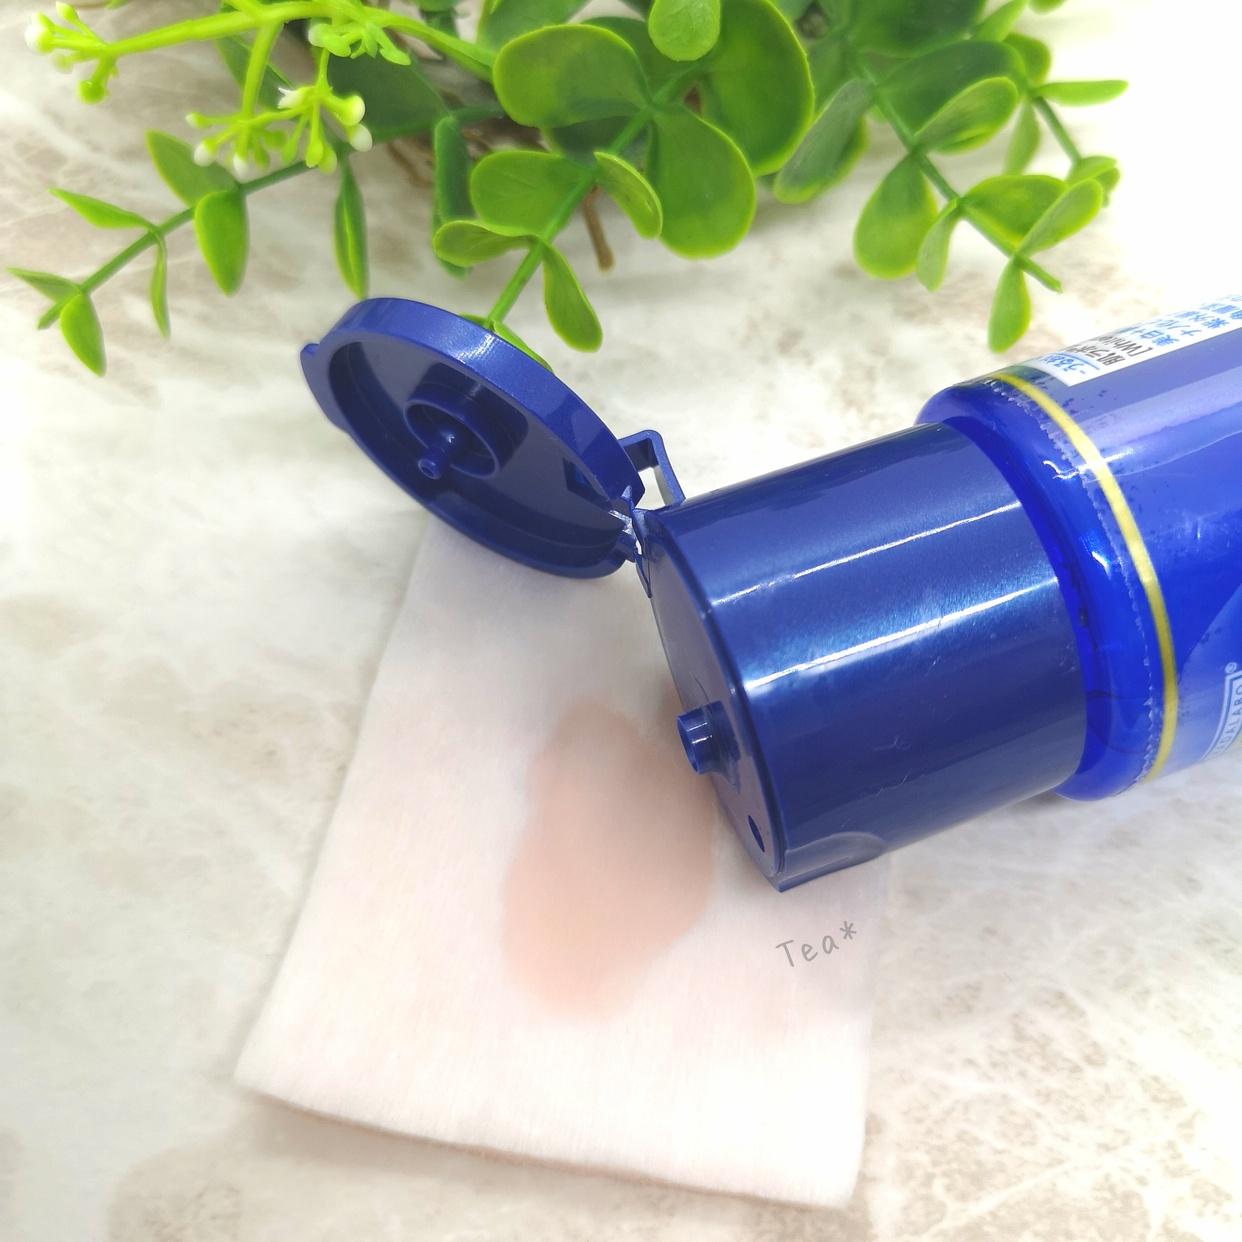 肌ラボ(HADALABO) 白潤プレミアム 薬用浸透美白化粧水を使ったTea*さんのクチコミ画像2